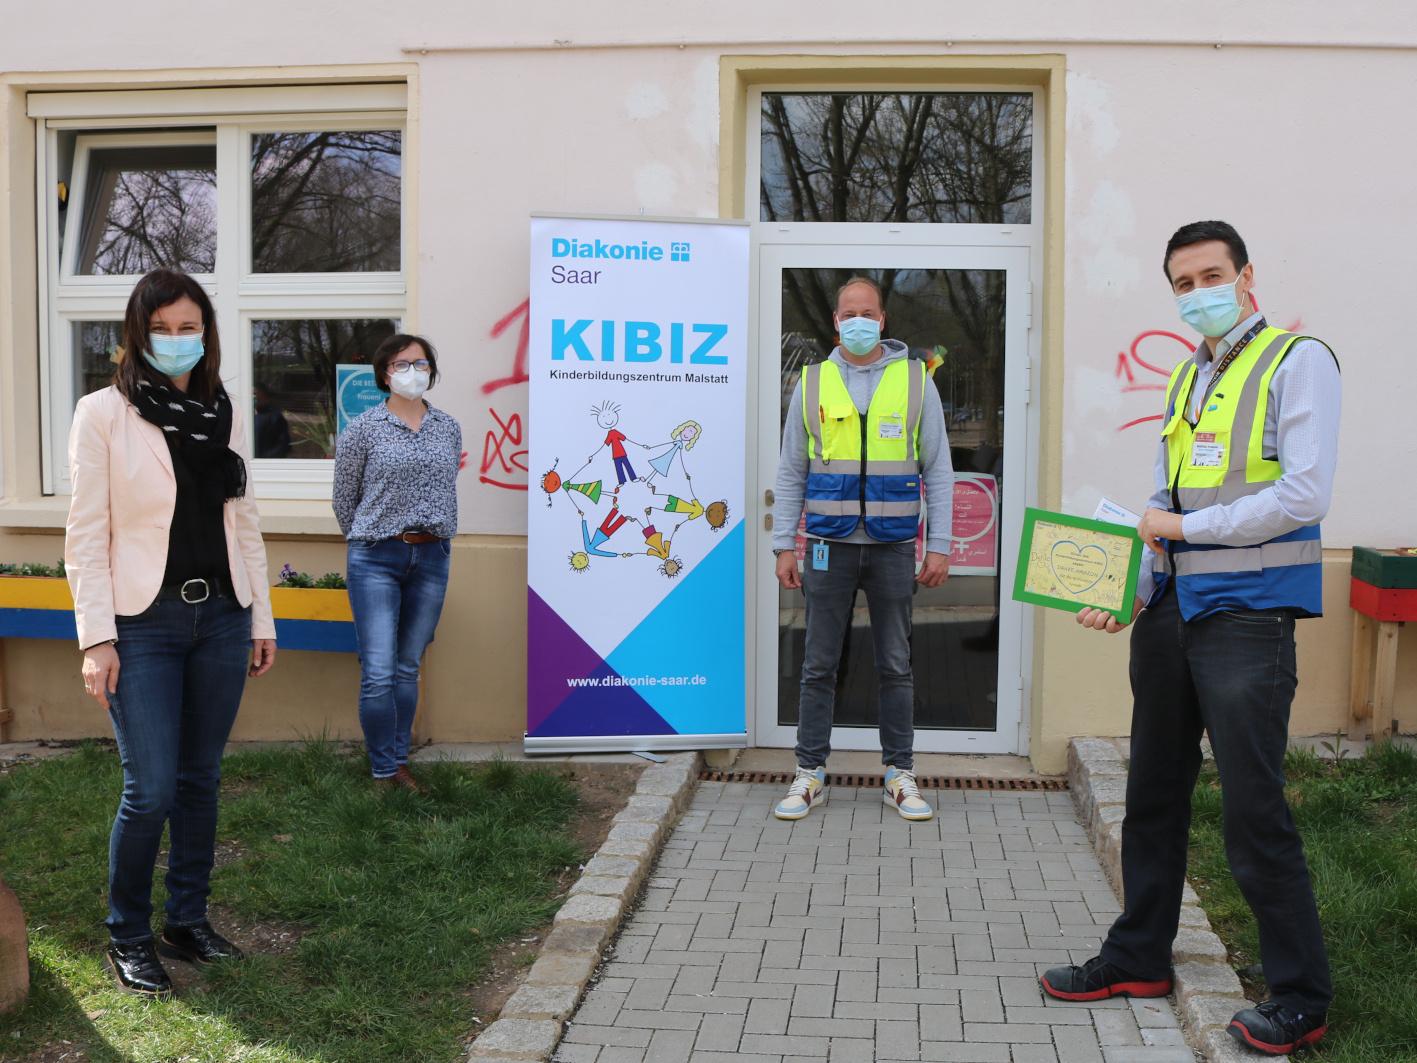 Bereichsleiterin Claudia Rebmann (l.) und KIBIZ-Mitarbeiterin Anna Witkowska (beide Diakonie Saar) stellten Amazon-Standortleiter  Sebastian Faethe (Mitte) und Matthias Krämer die Arbeit des KIBIZ vor